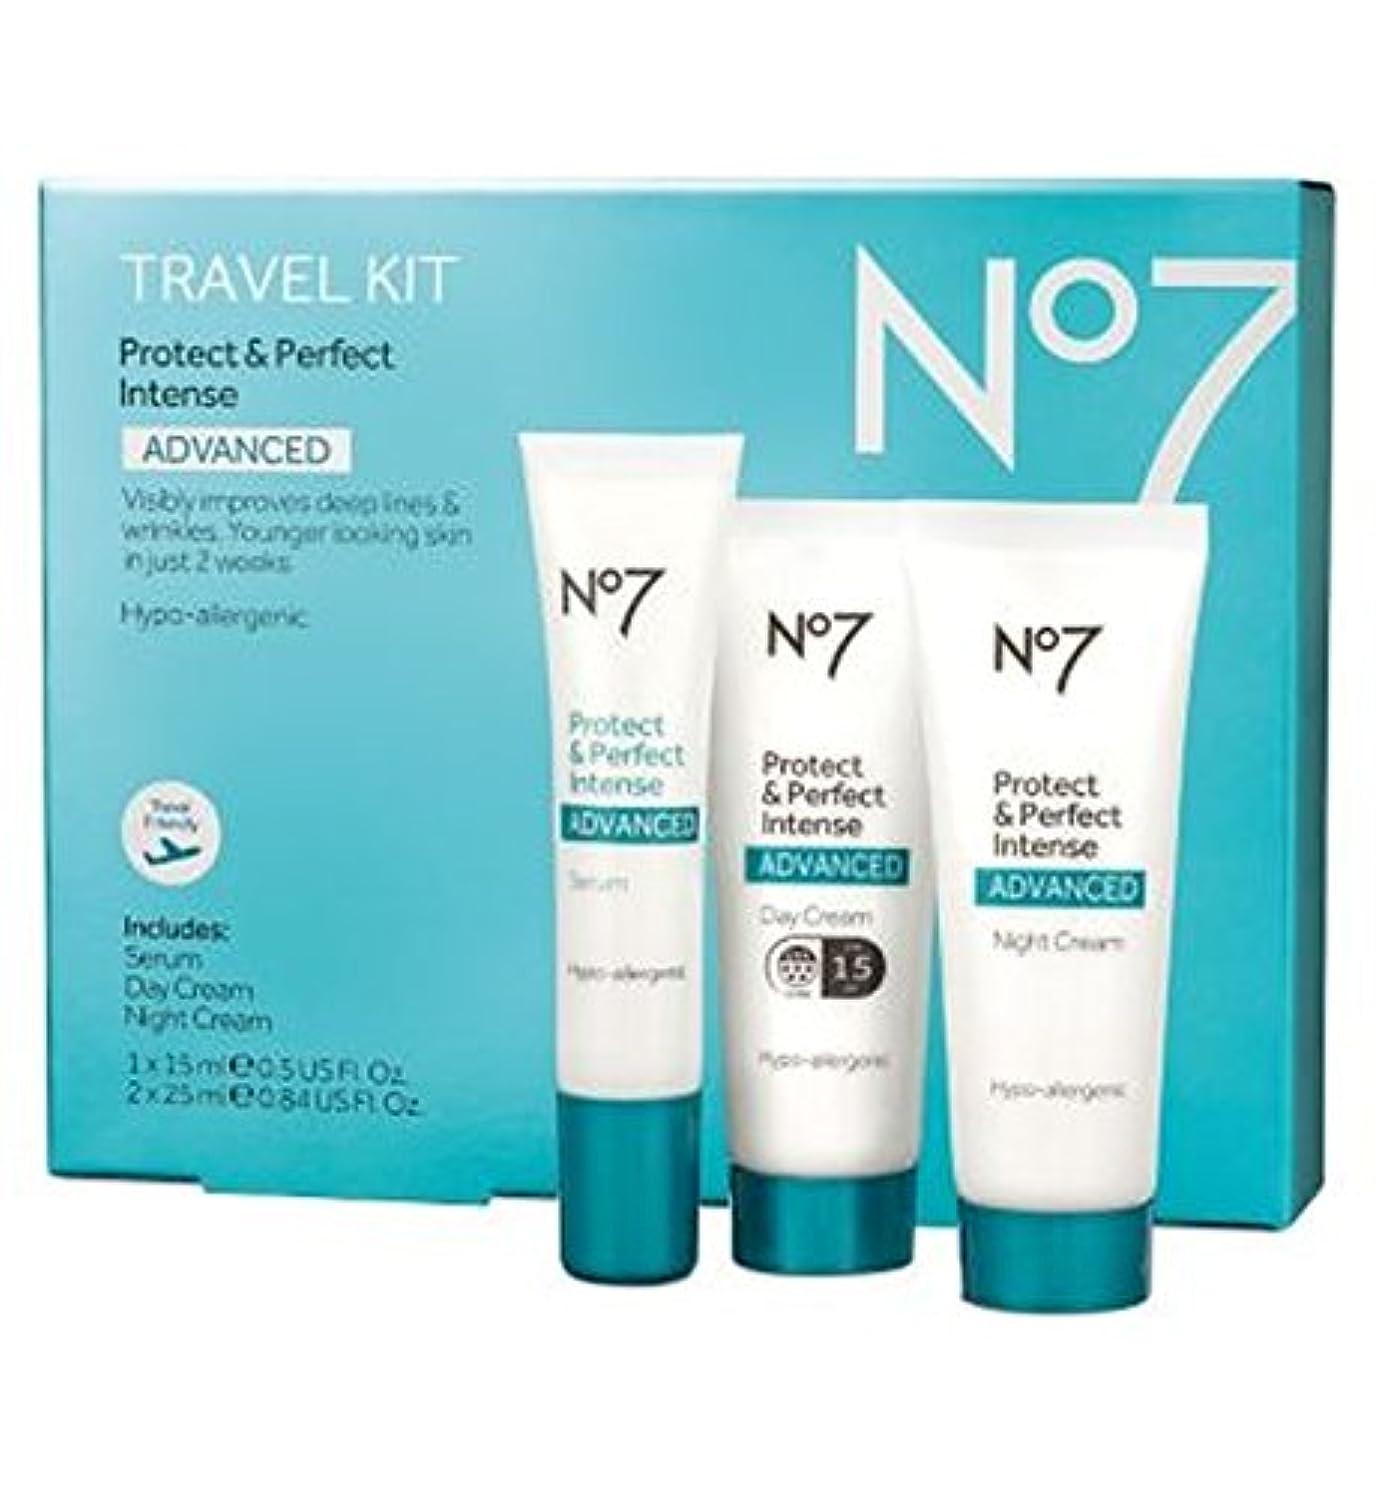 カーペット概念住人No7 Protect & Perfect Intense ADVANCED Travel Kit - No7保護&完璧な強烈な高度な旅行キット (No7) [並行輸入品]